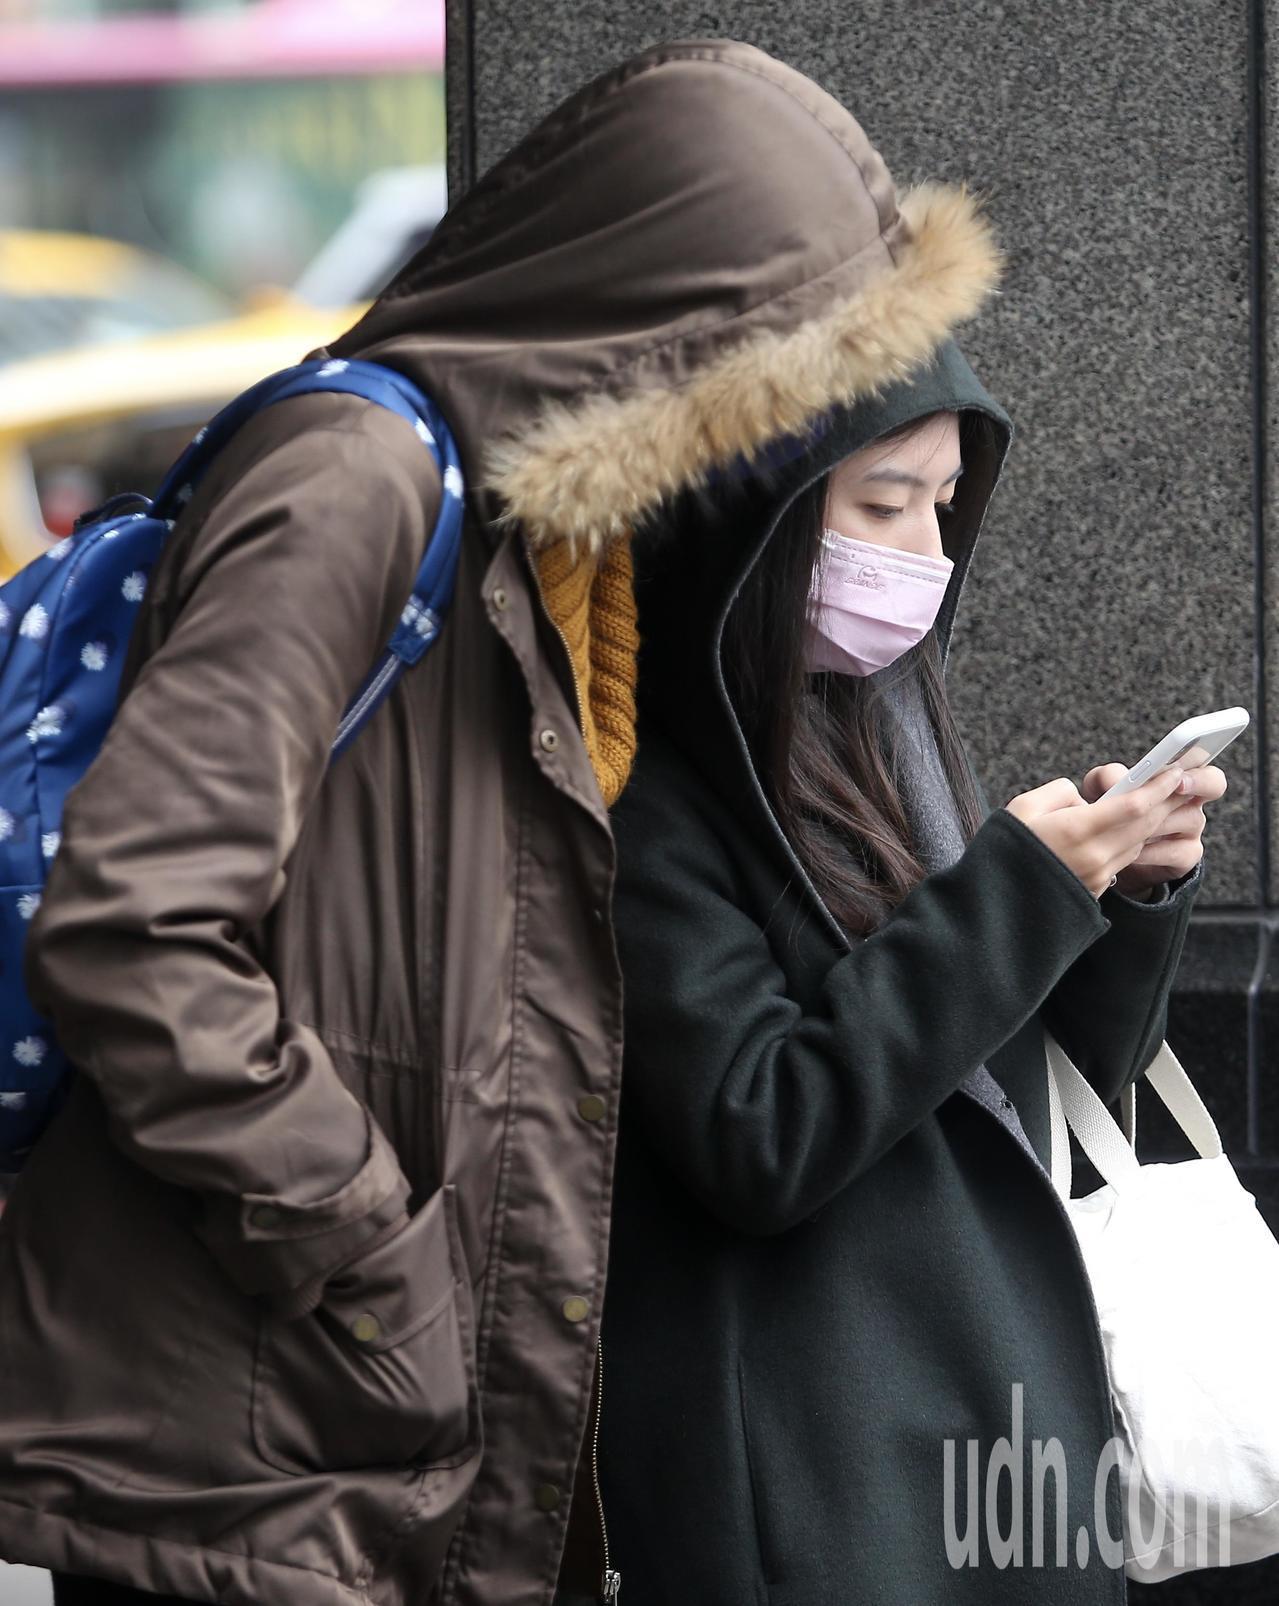 跨年連續假期即將到來,但中央氣象局預估四天都會是溼冷天氣。圖與文/余承翰